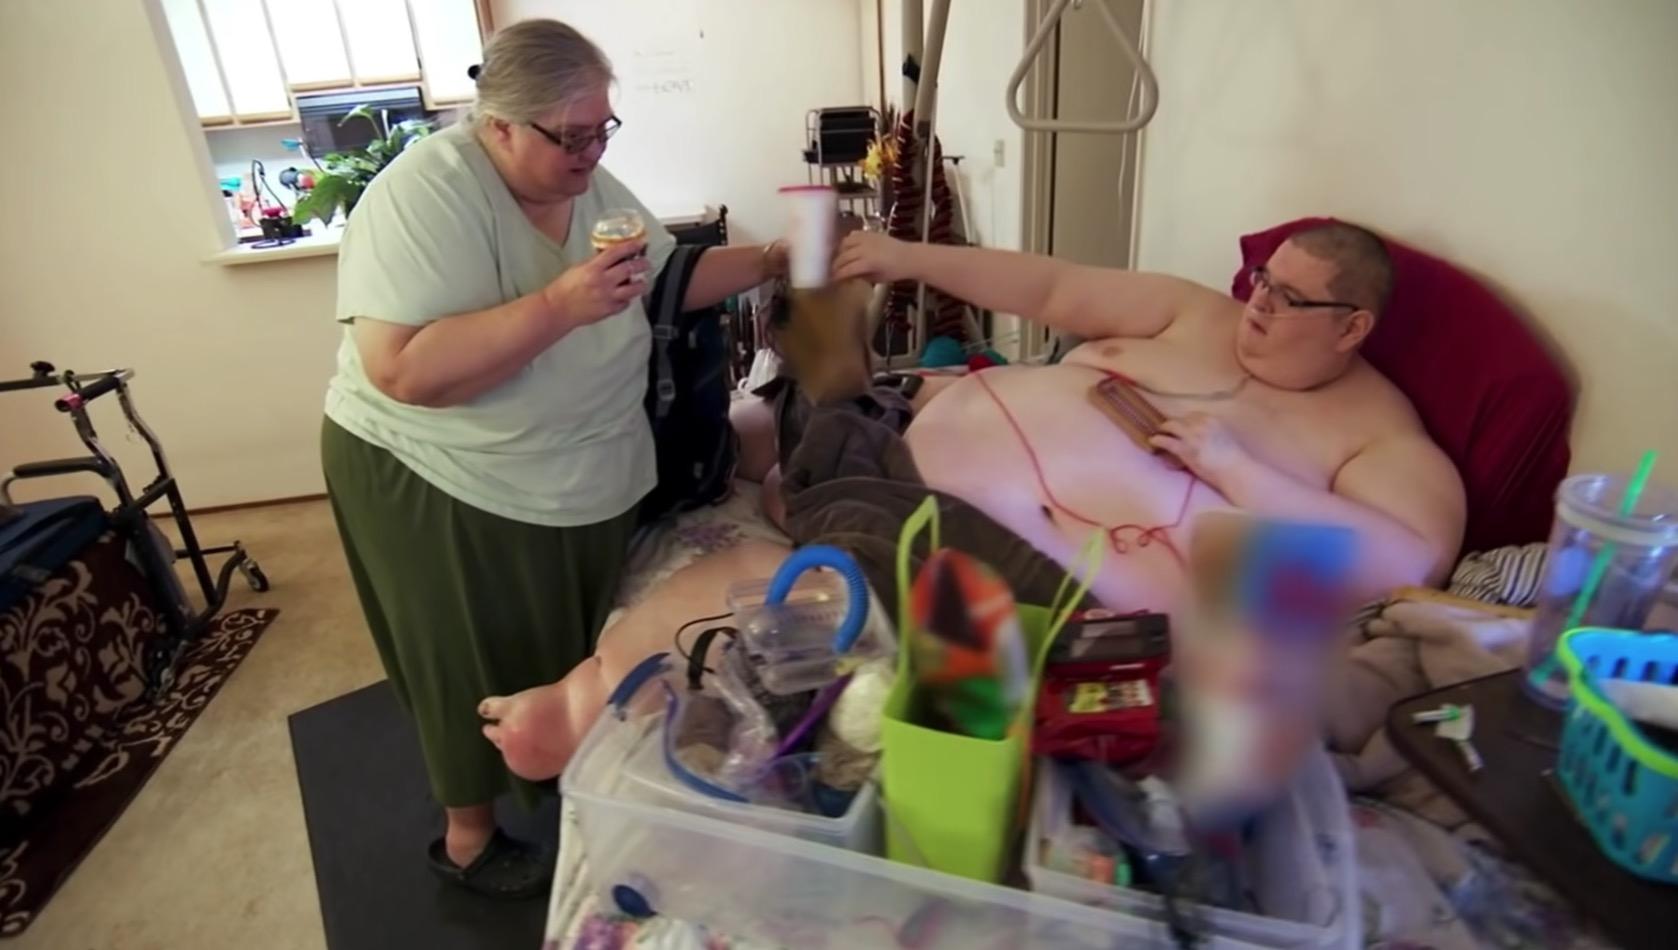 Sean pacientul lui Dr Now de la TLC a murit la 425 de kg